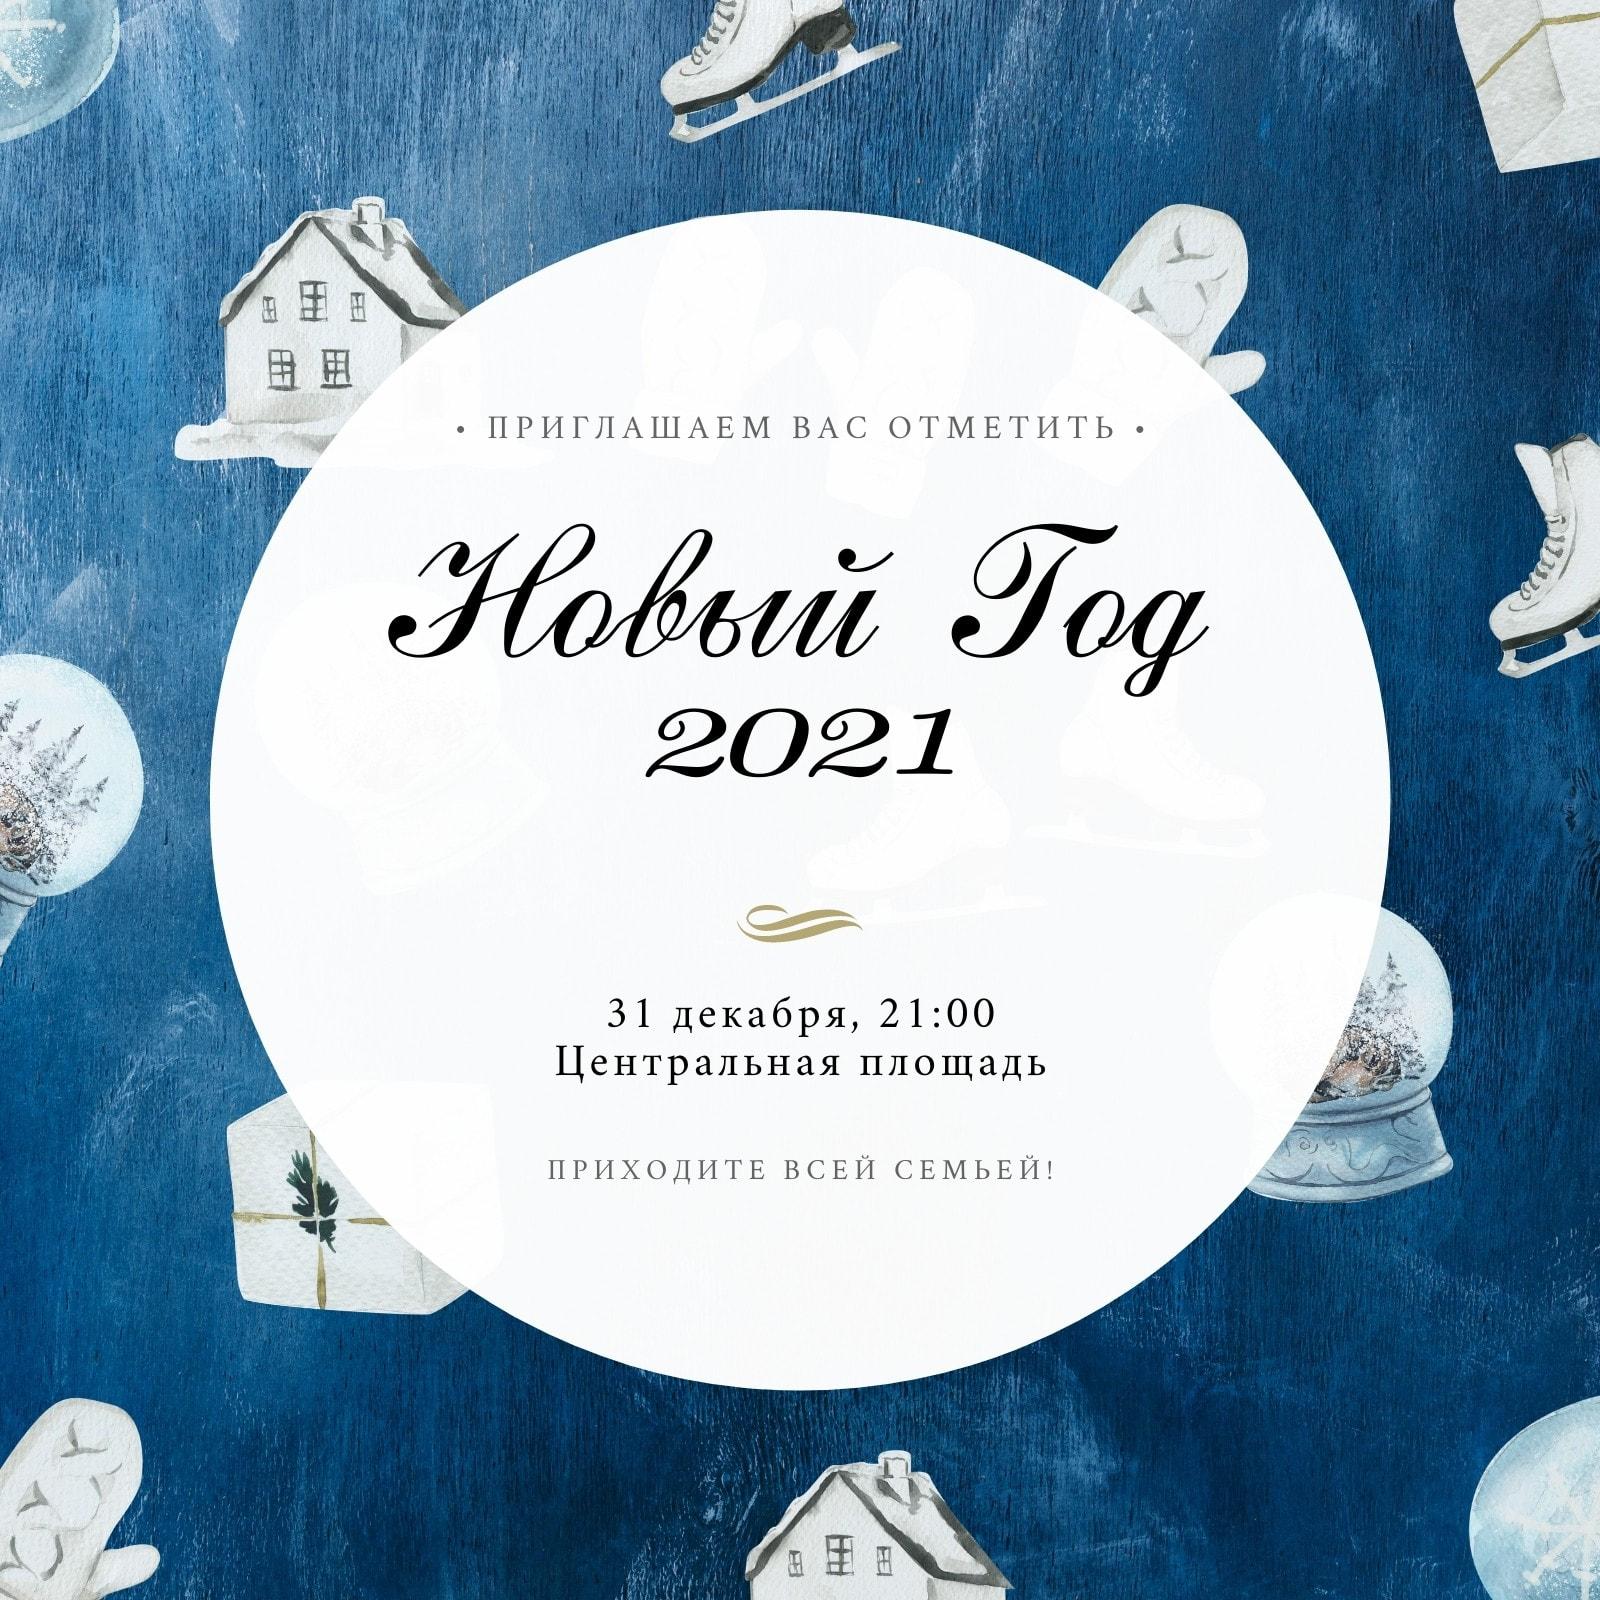 Синее и белое новогоднее приглашение с зимними акварельными иллюстрациями